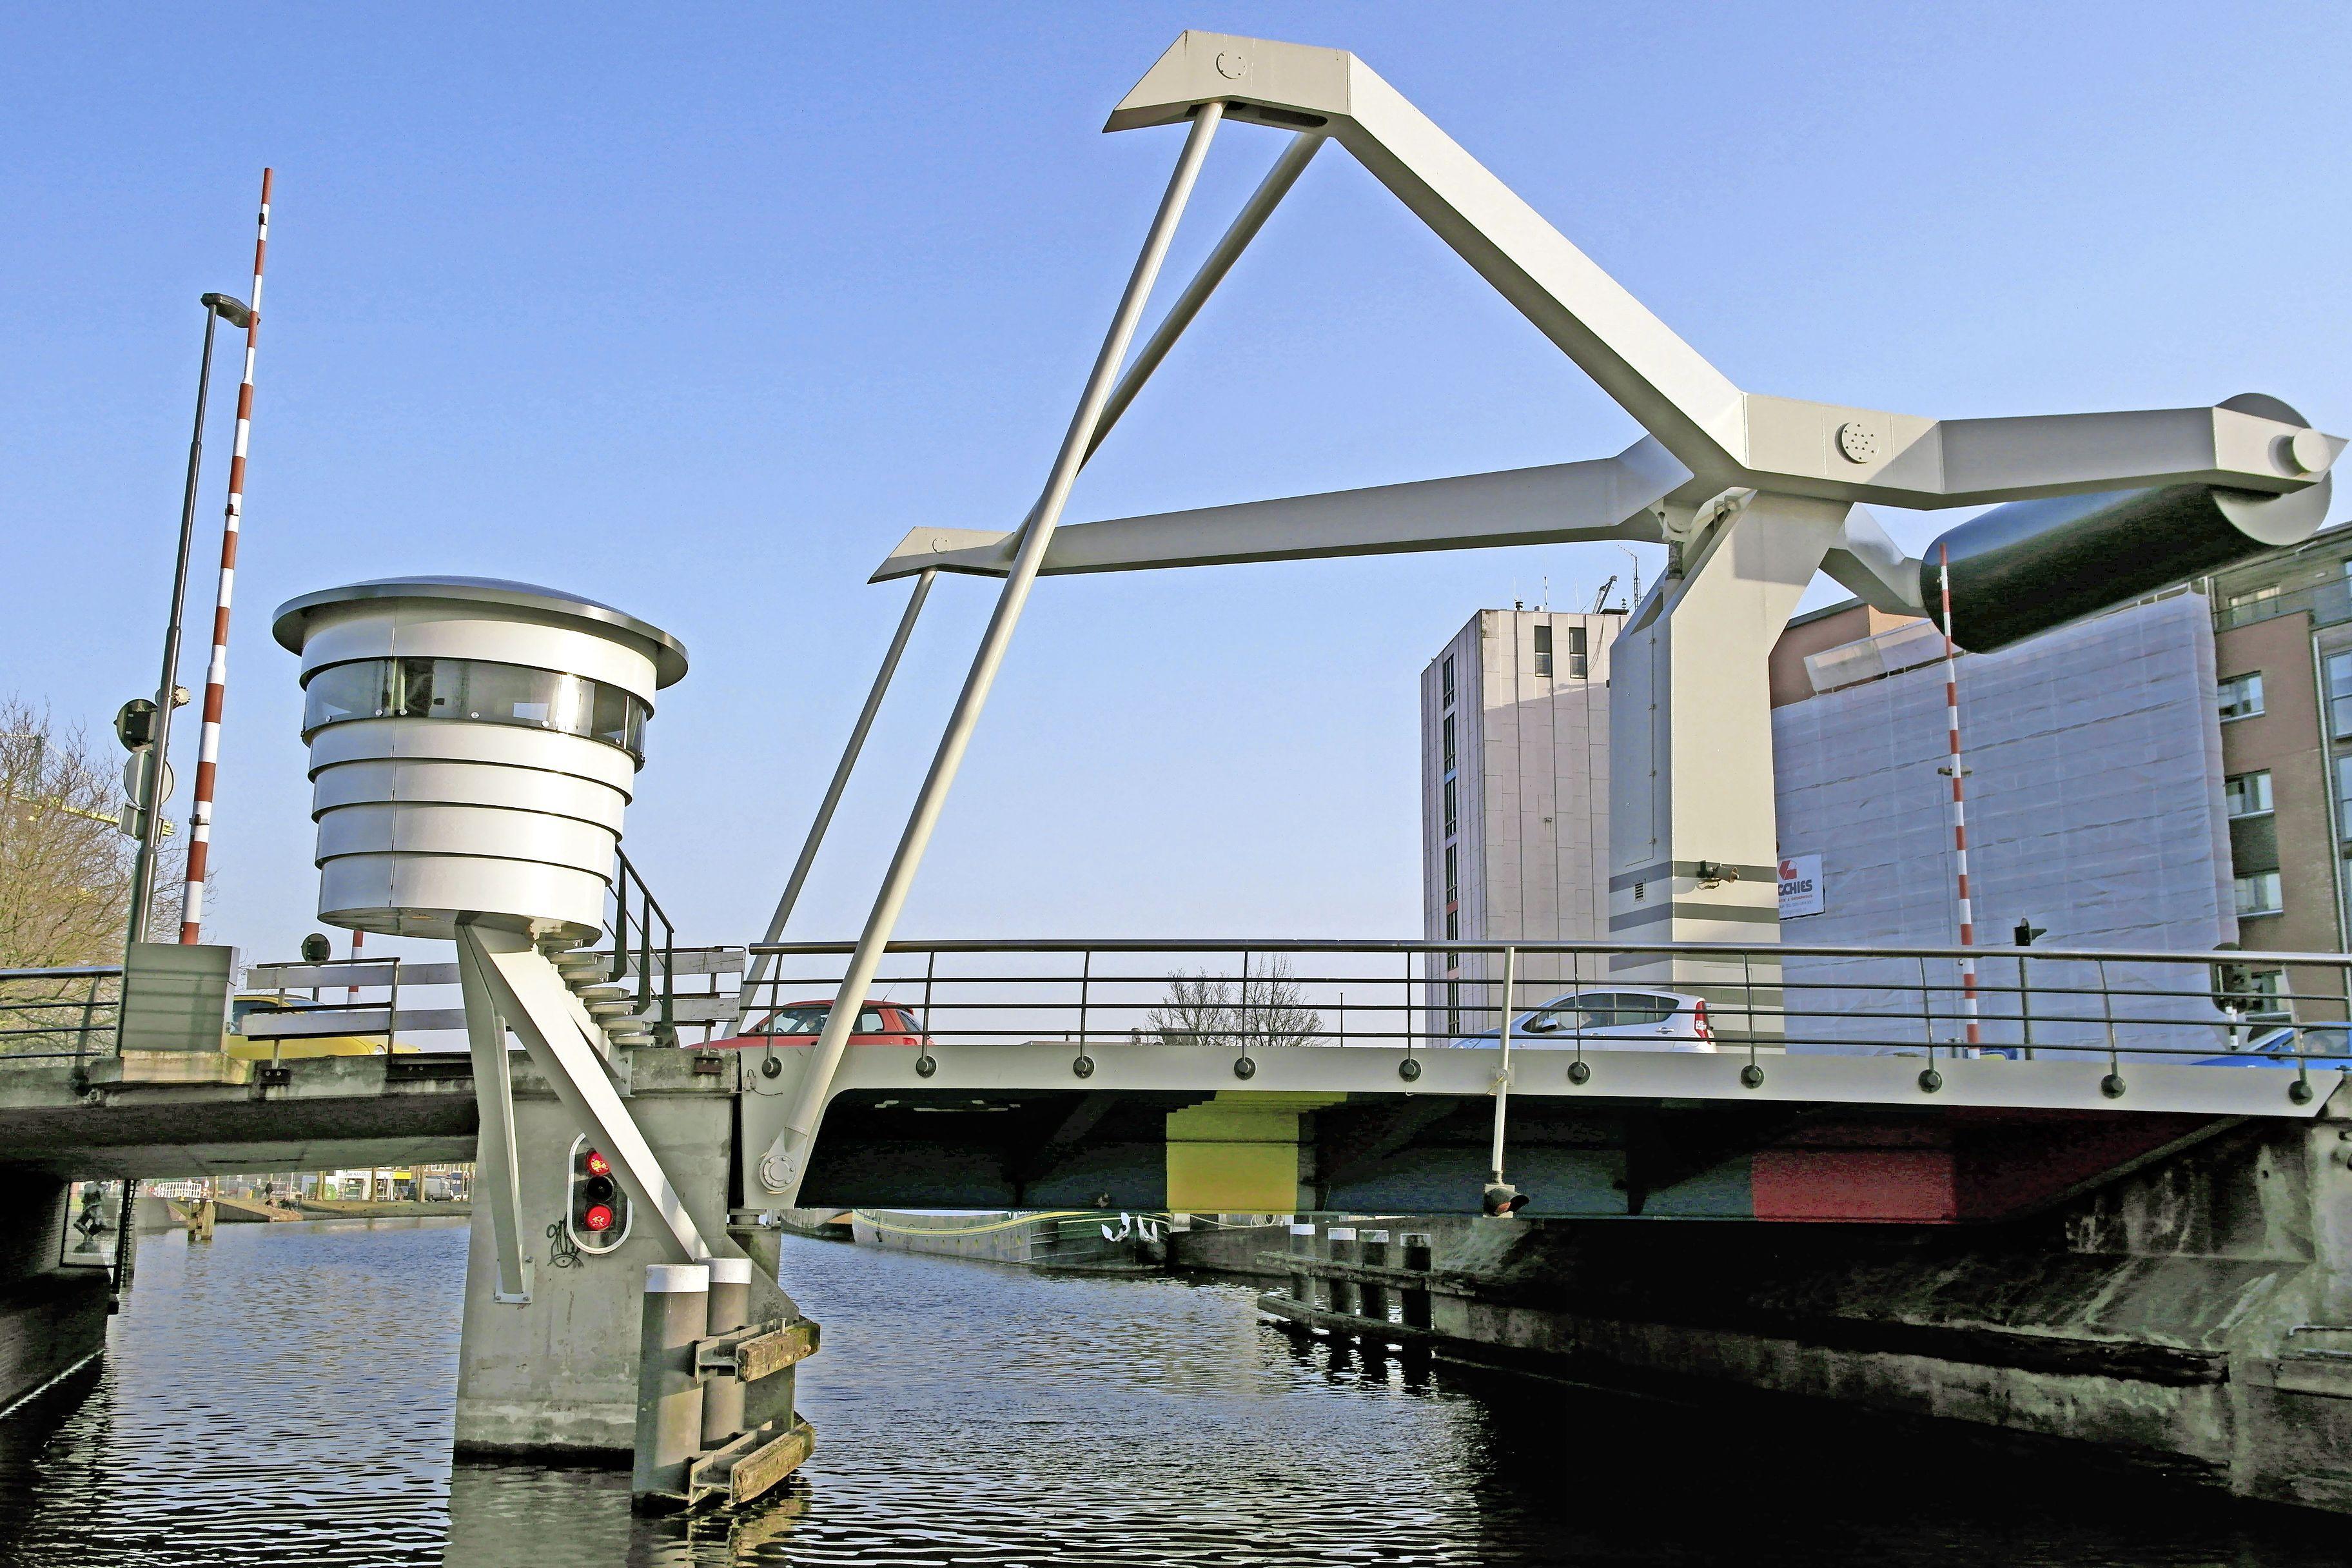 Flinke veiligheidsrisico's bij de Prinsenbrug en Langebrug in Haarlem